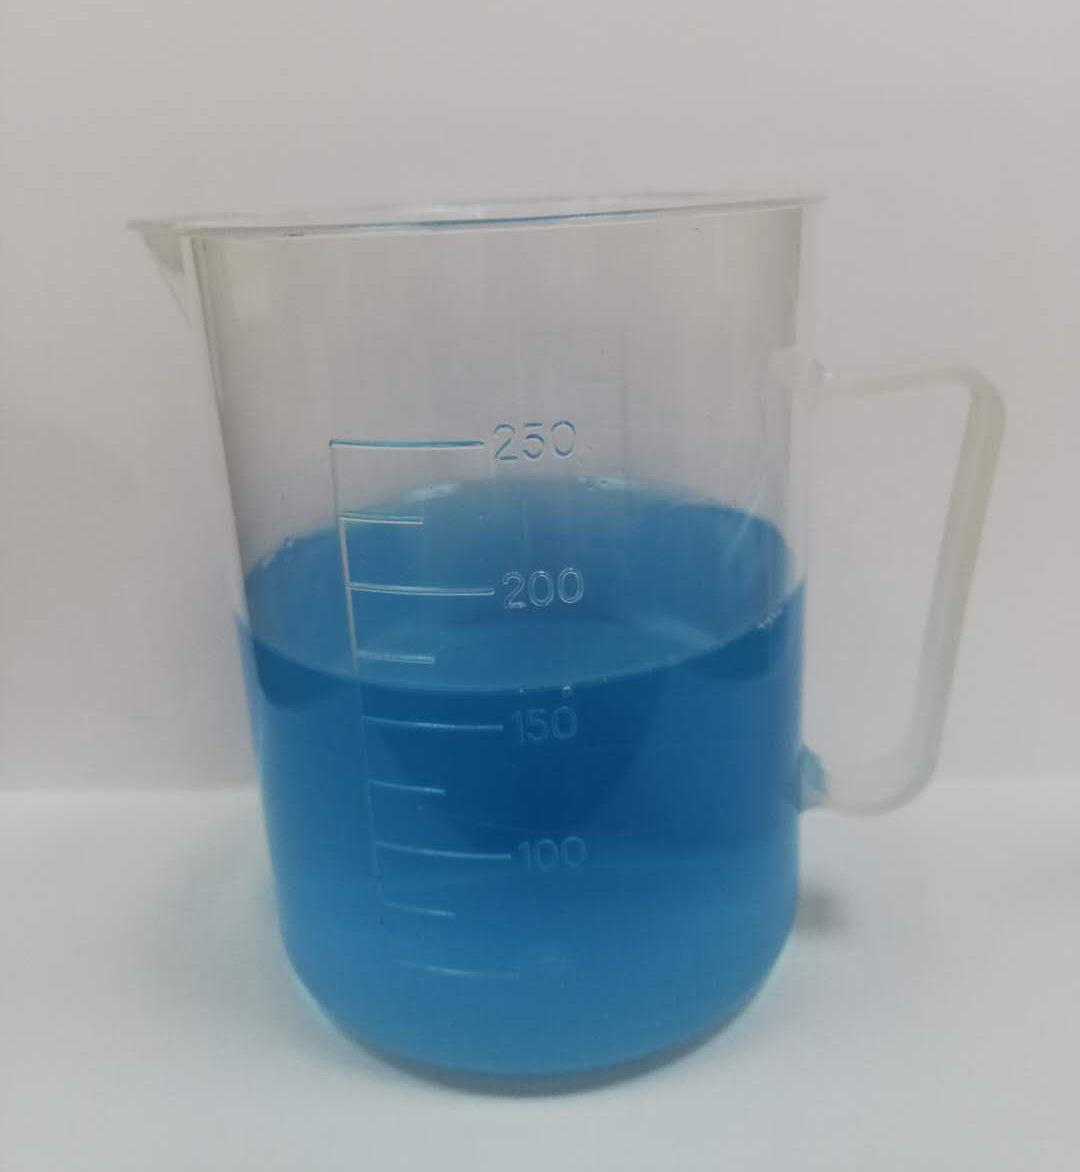 四合一清洗劑廠家現貨除銹清洗鈍化磷化性能穩定工業四合一清洗劑